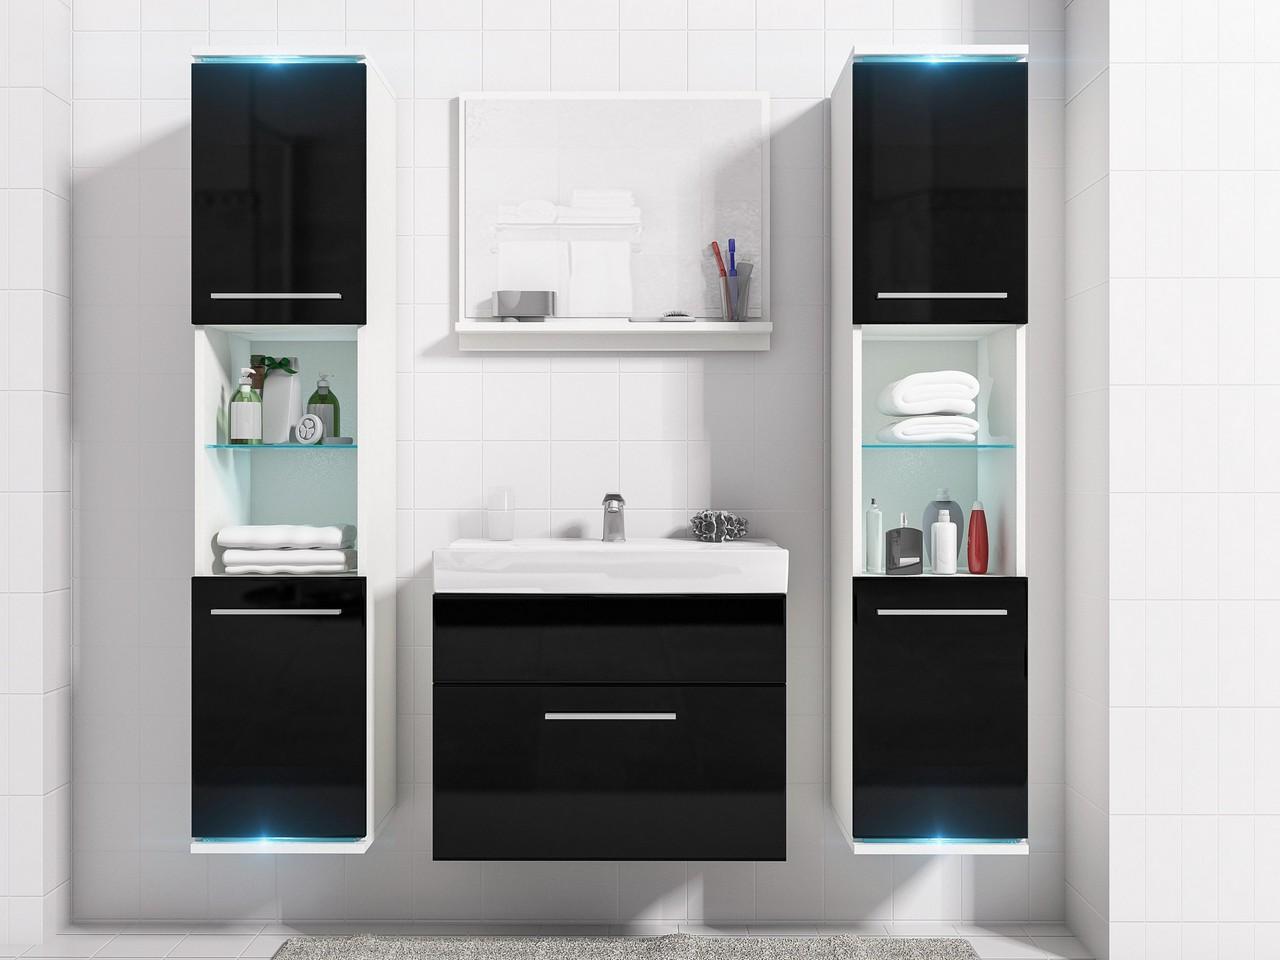 Badezimmermöbel DUO 1 - MOEBLINE.DE